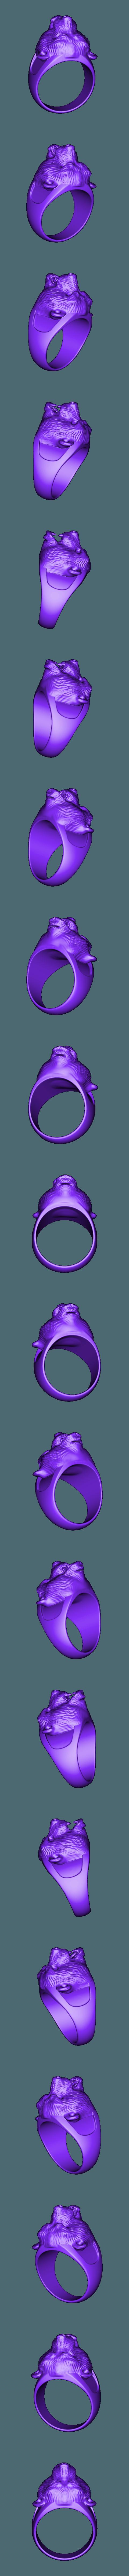 42.stl Télécharger fichier STL gratuit bague agressive en forme d'ours • Objet pour imprimante 3D, 3DPrinterFiles